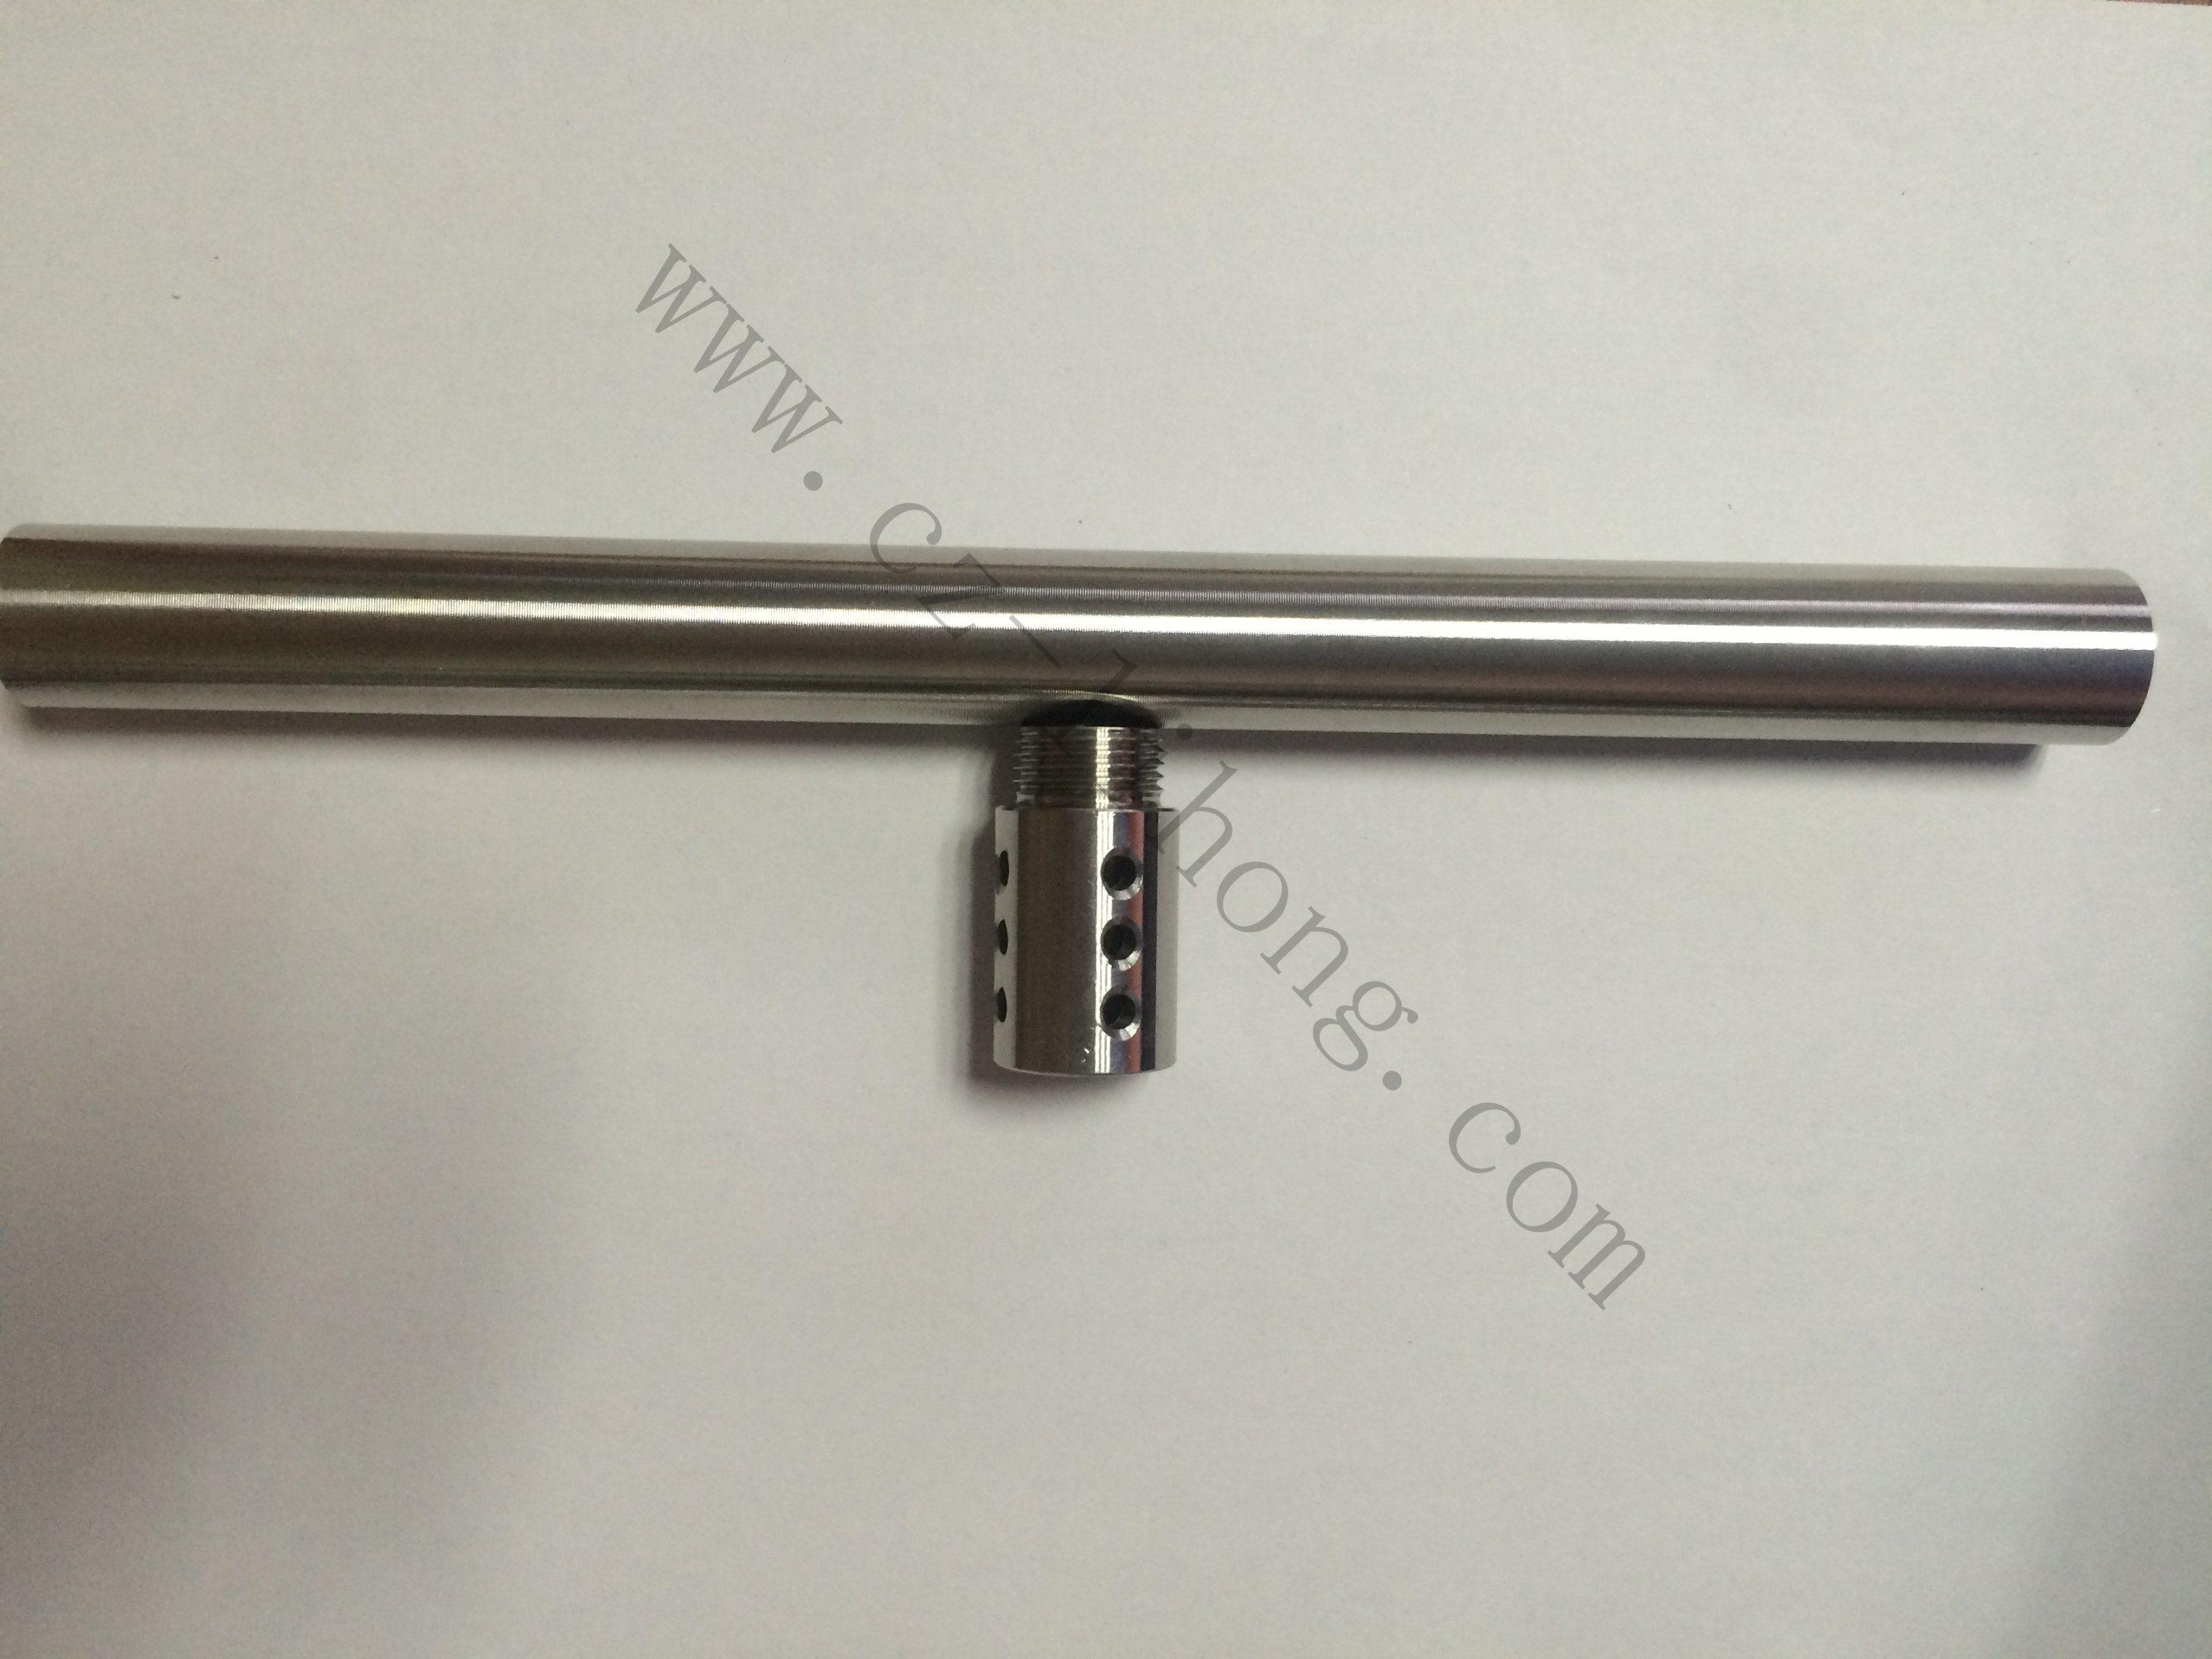 Raccordo per tubi in acciaio inox 316 connettore femmina lungo